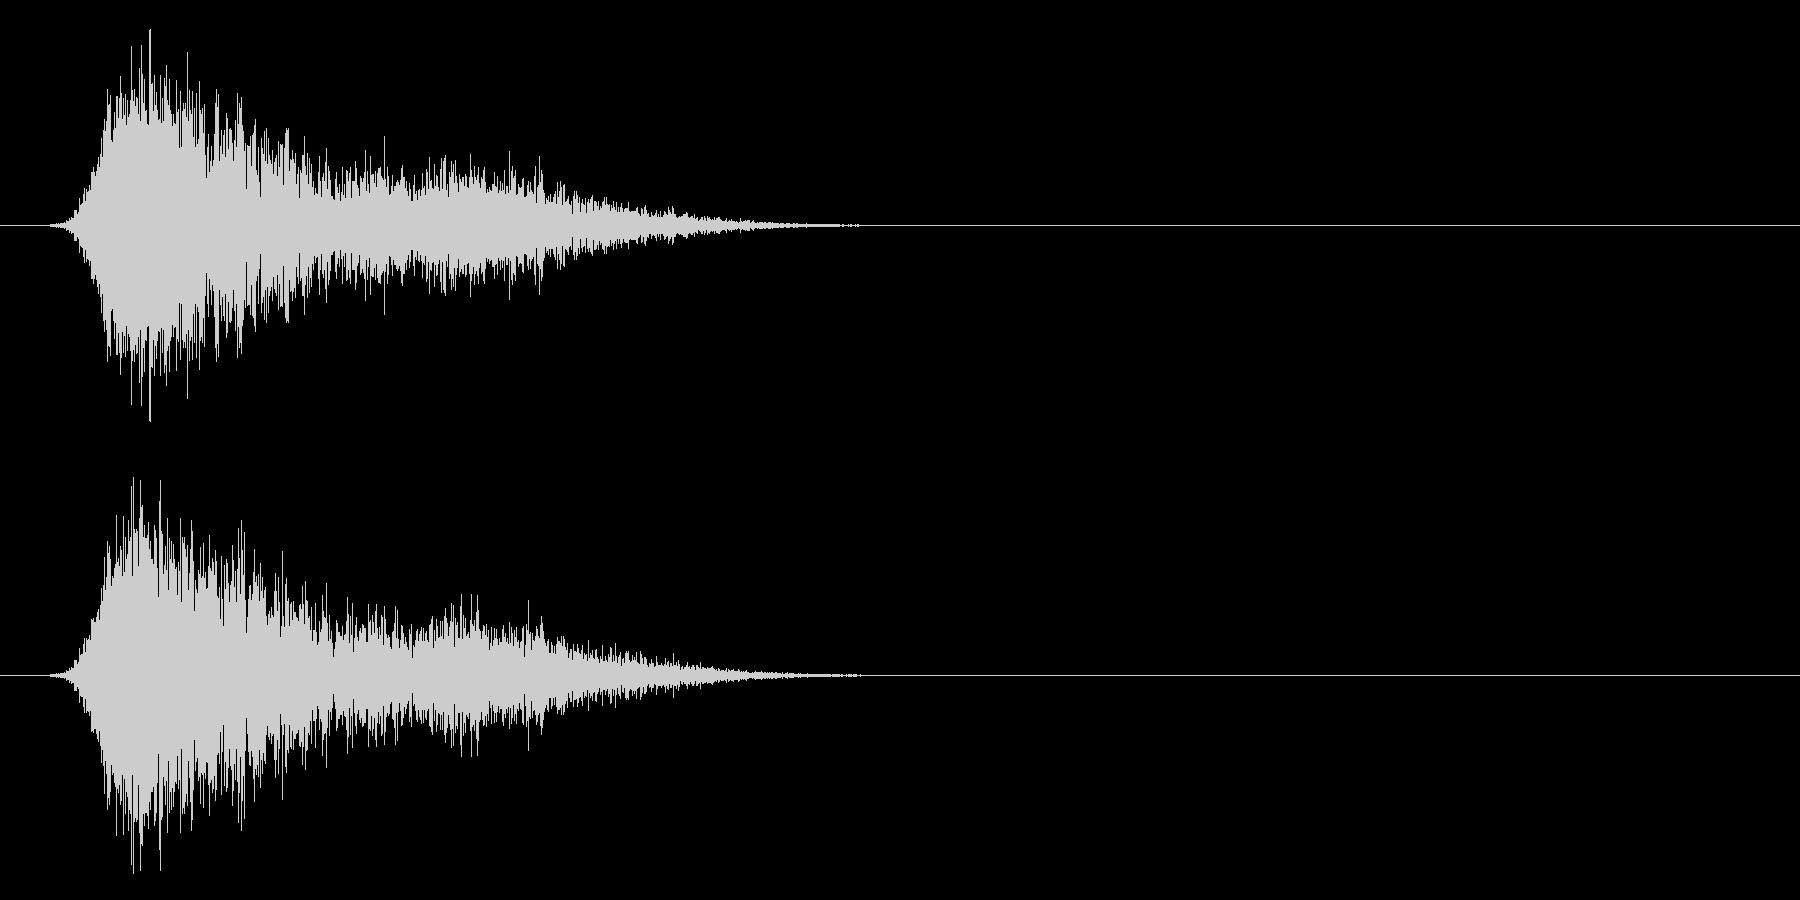 コミカルなダッシュ!ジャンプ効果音!7bの未再生の波形